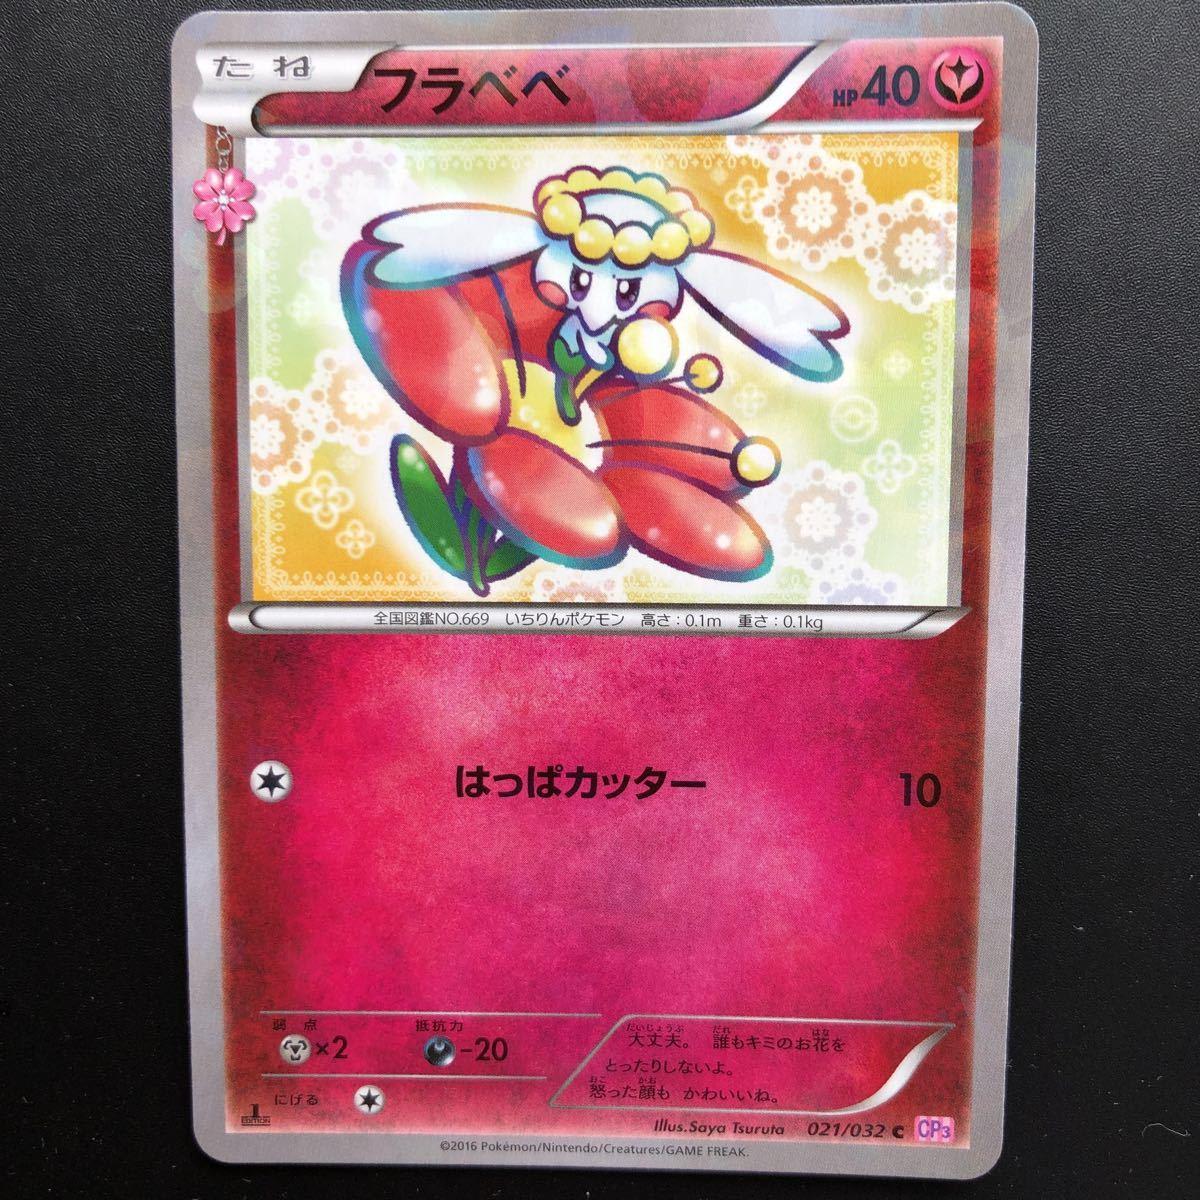 ポケモンカード 1ED付 フラエッテ022/032 フラベベ021/032 ポケキュン CP3_画像2